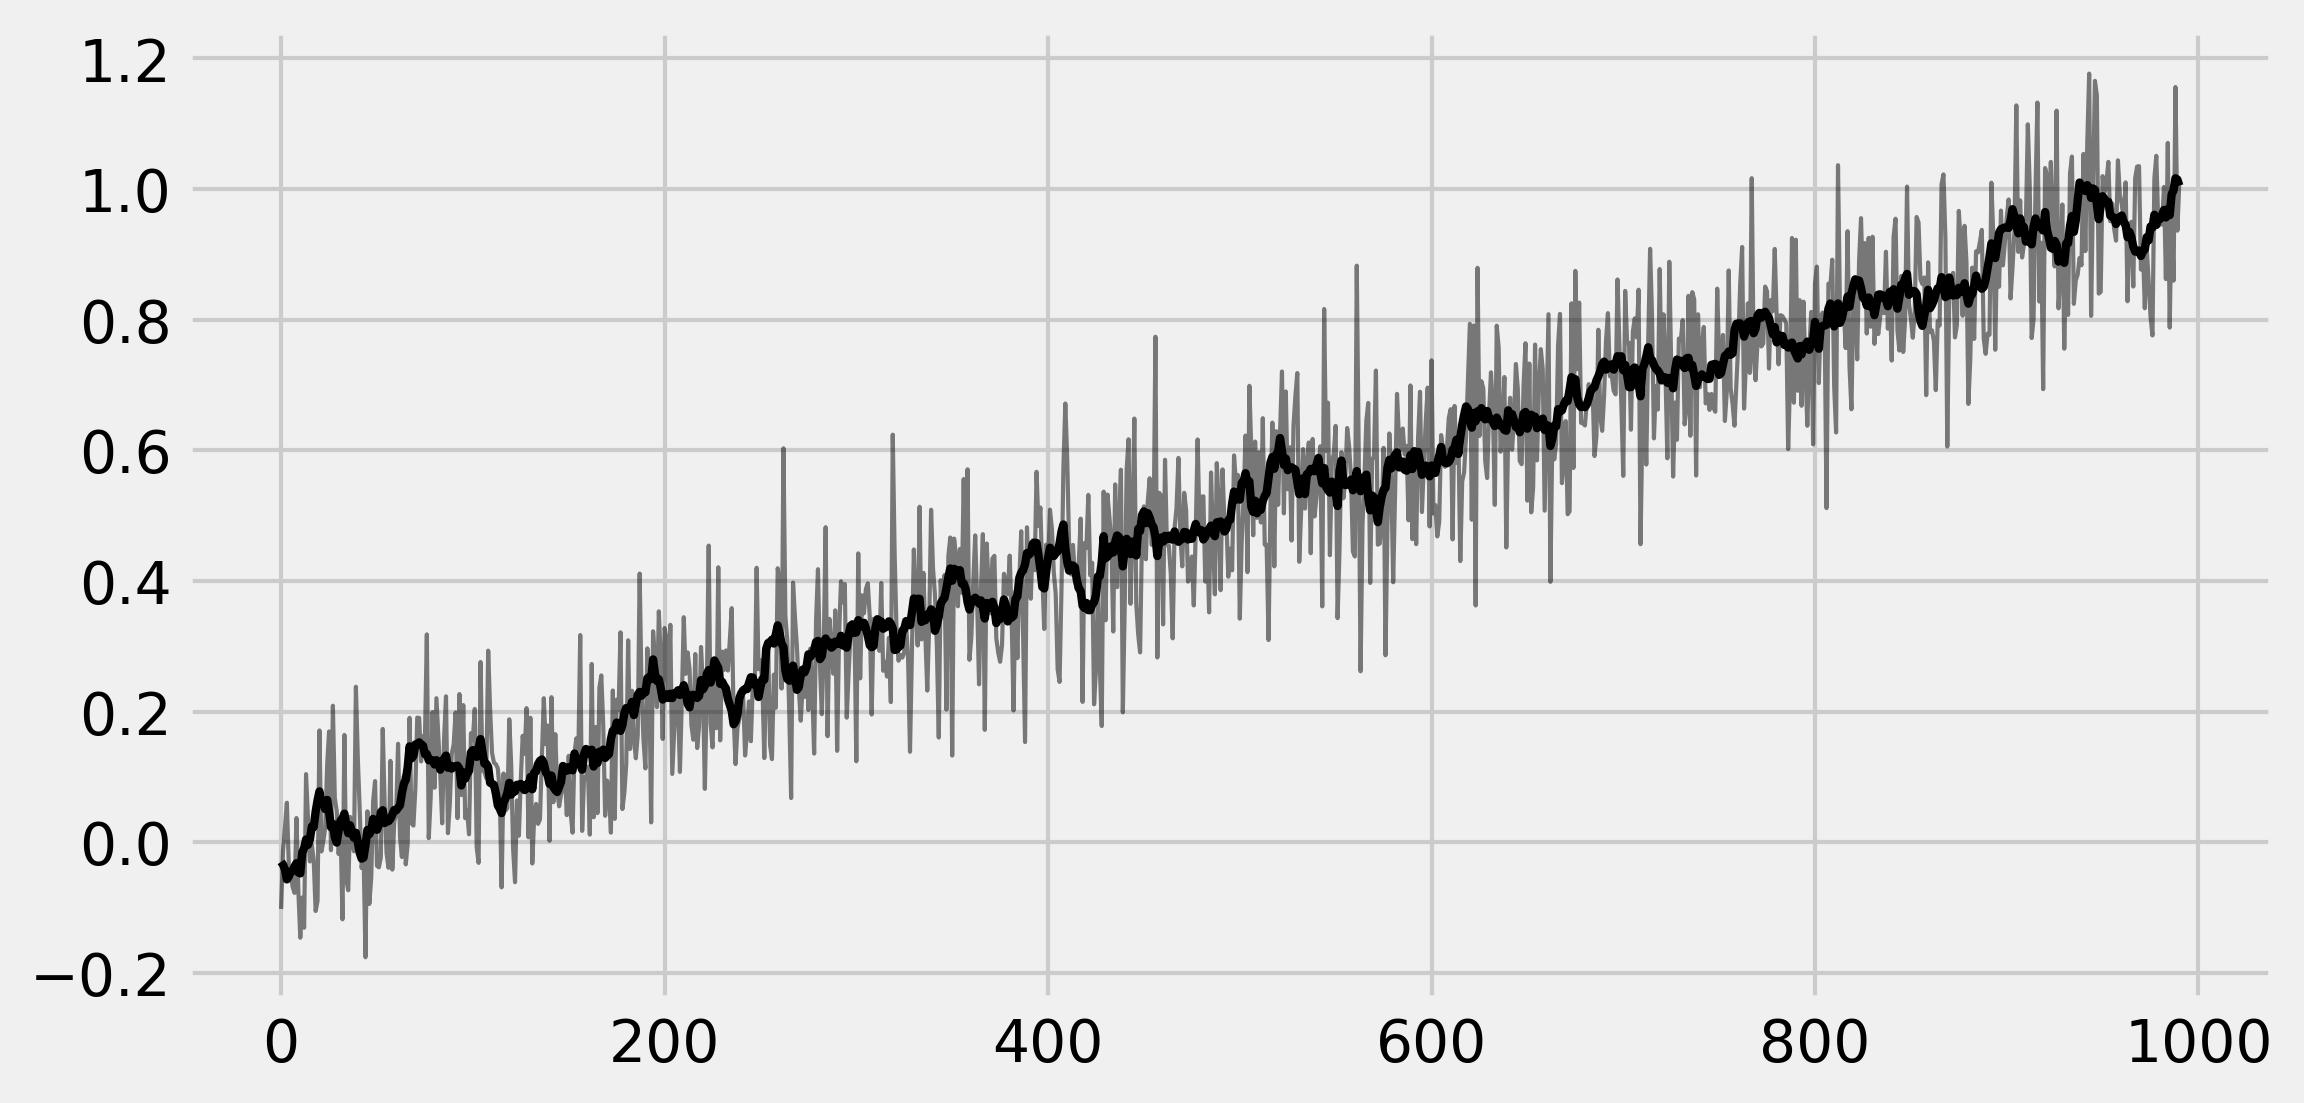 <matplotlib.figure.Figure at 0x7f3f49a015f8>